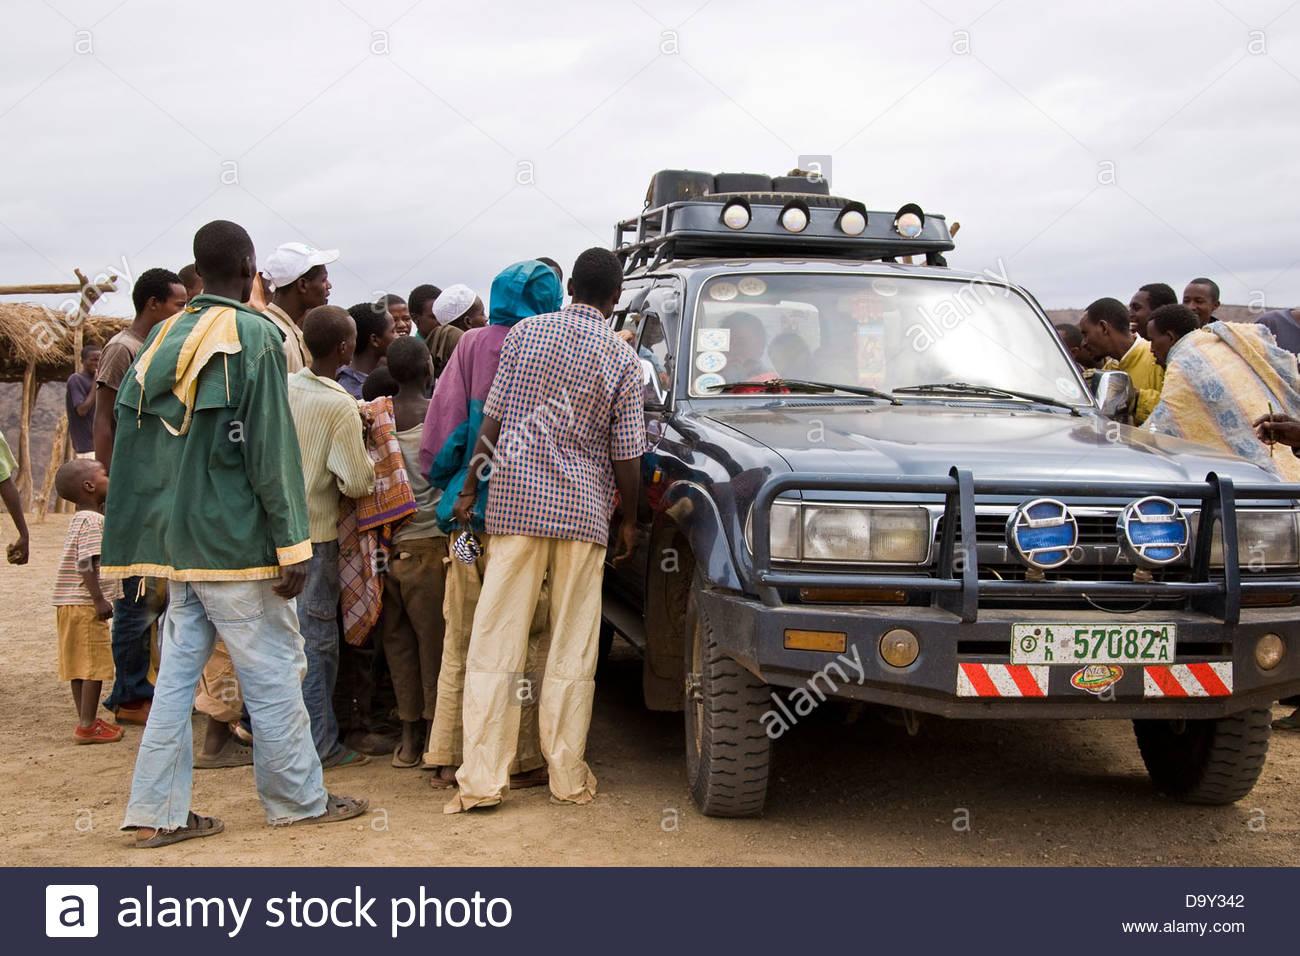 El Sod,Ethiopia - Stock Image